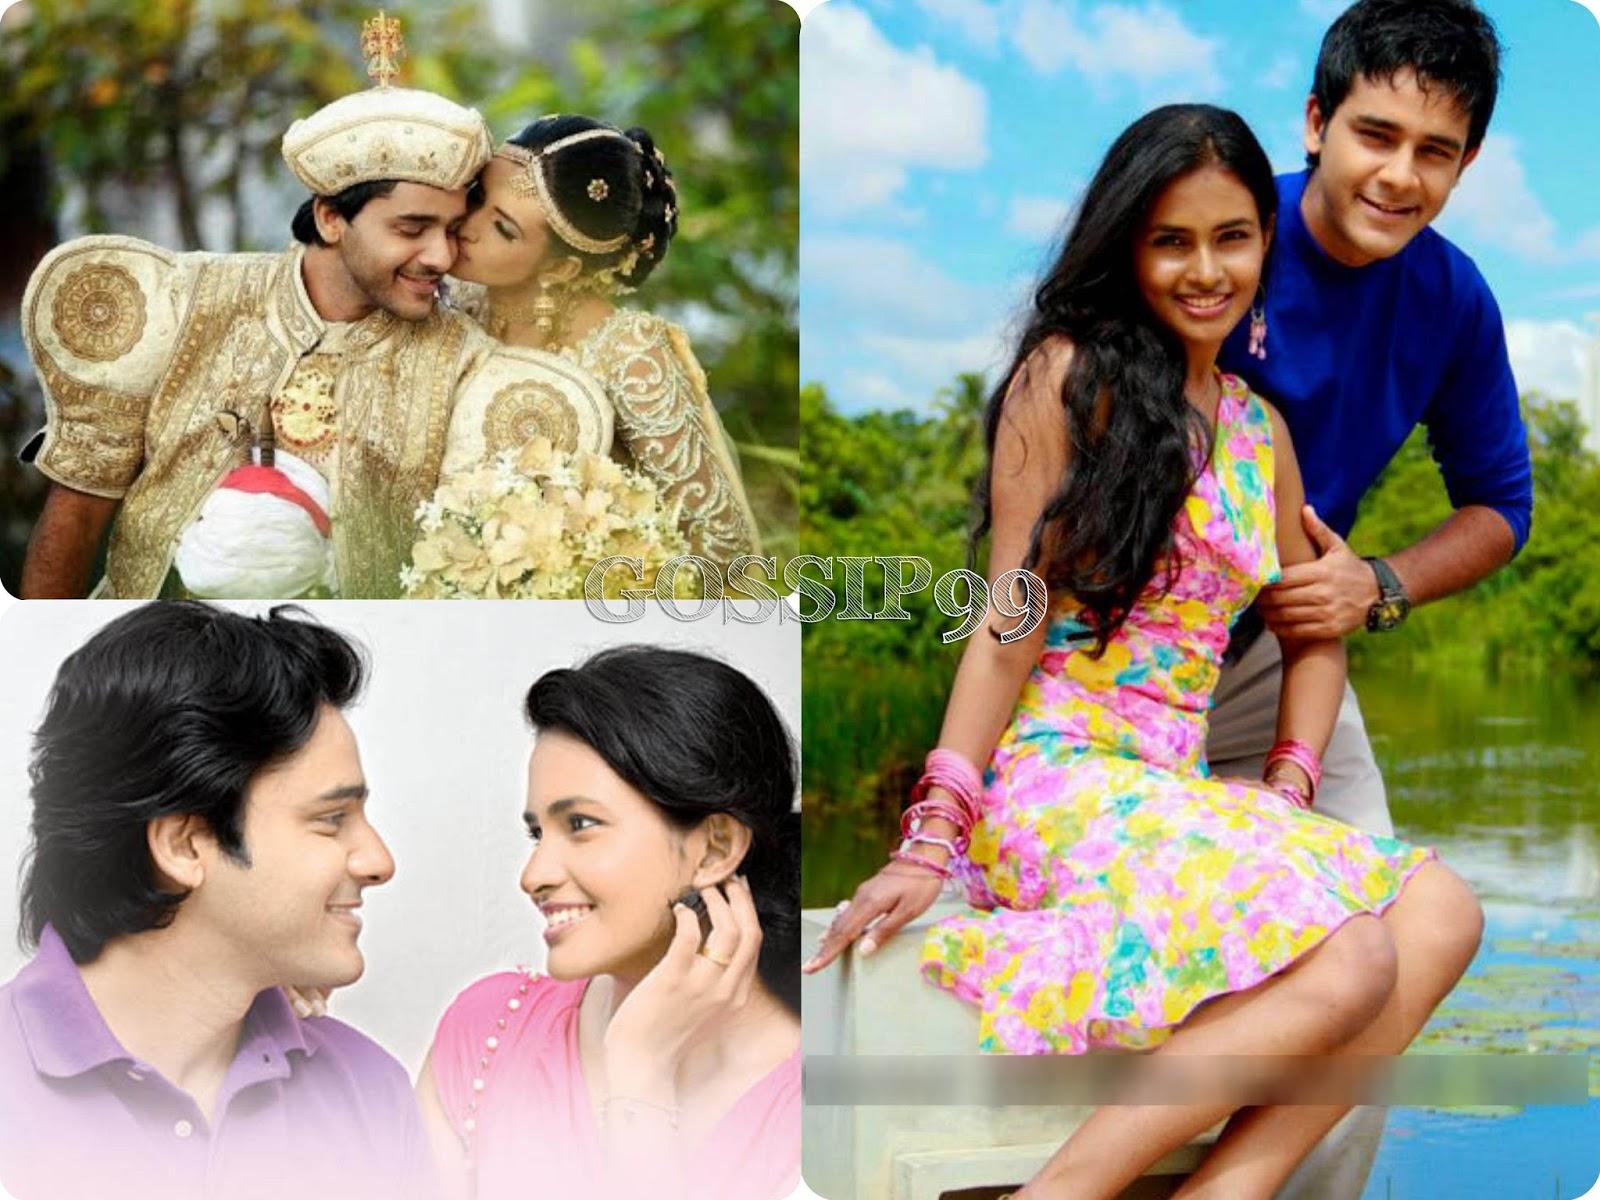 Gossip Chat With Saranga  Umali  Gossip99  Gossip Lanka News  Hot Gossips  Sri Lankan -4833